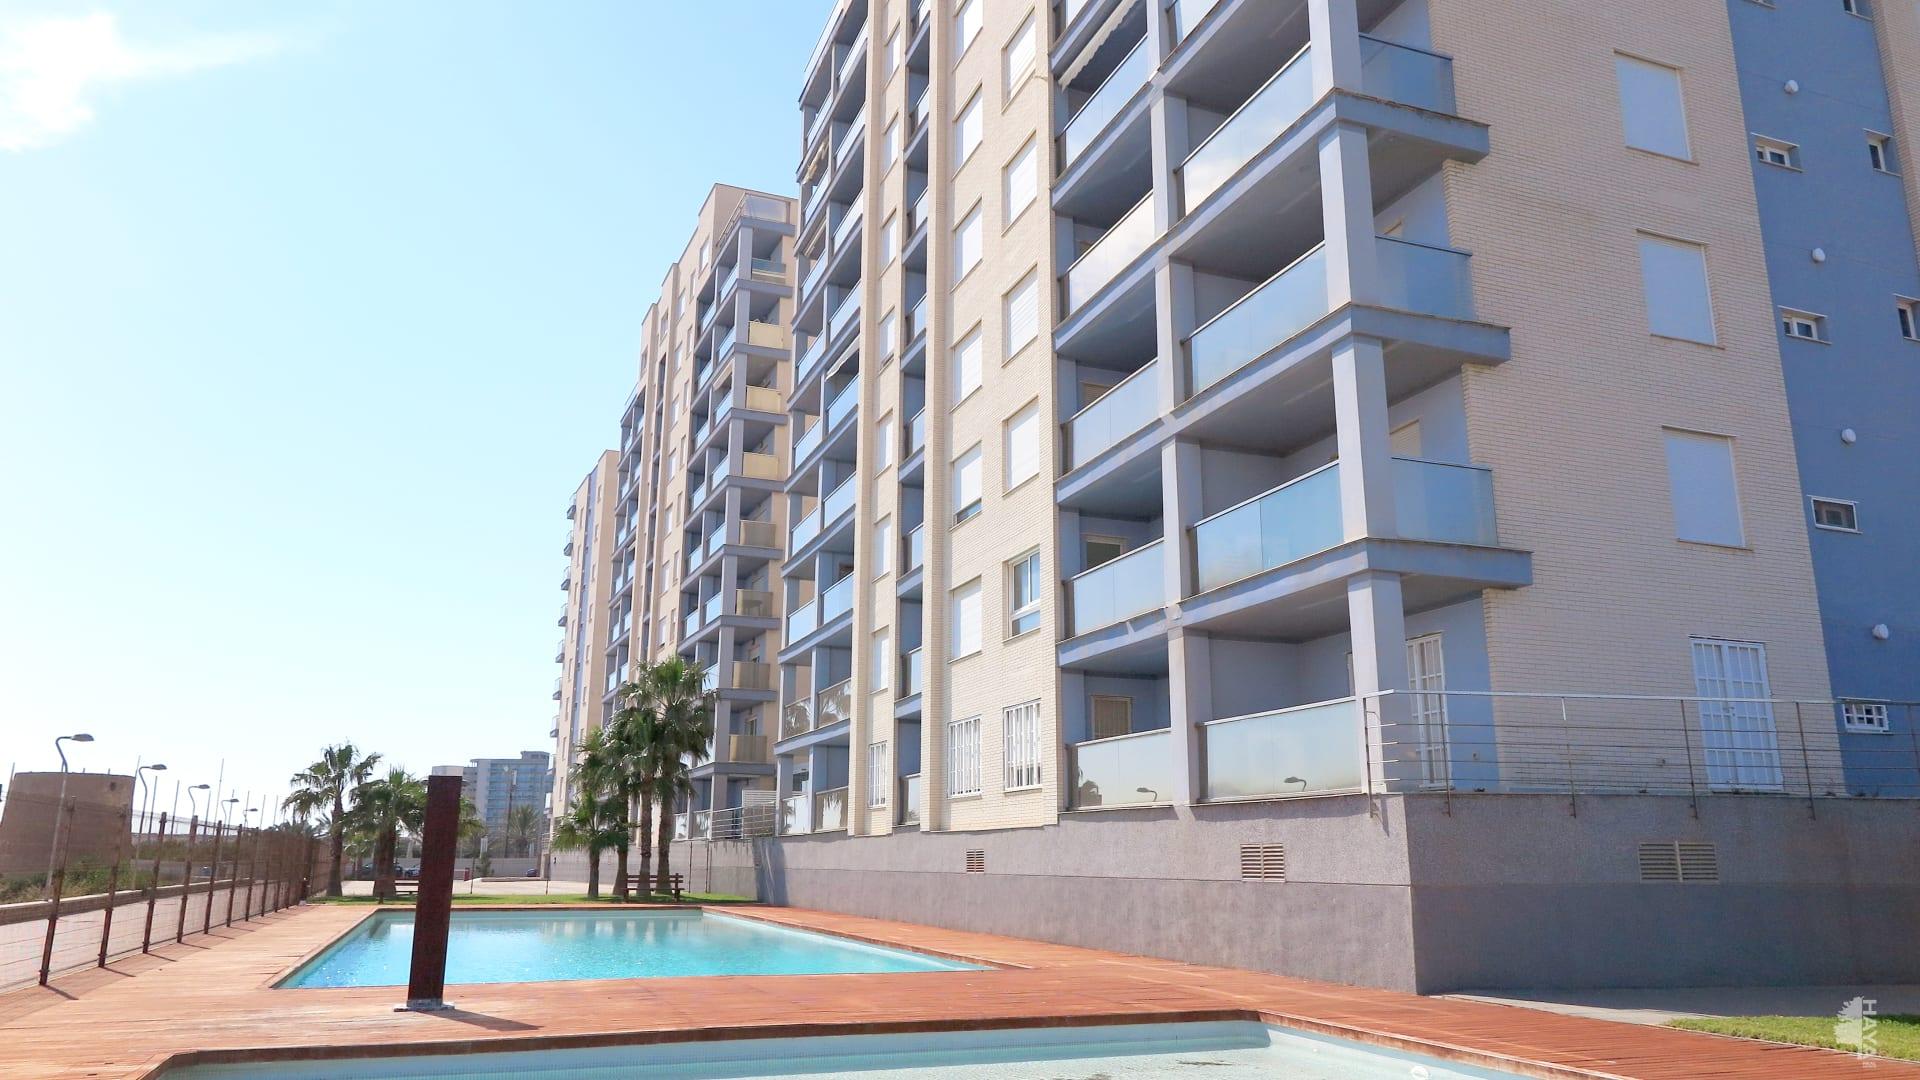 Piso en venta en San Javier, Murcia, Calle Prolongación F. Residencial Veneziola Golf Ii, 133.000 €, 3 habitaciones, 2 baños, 70 m2